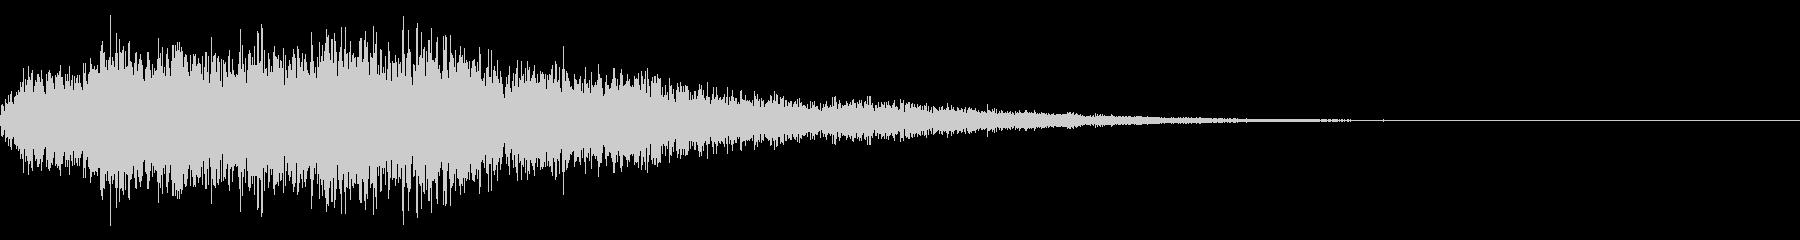 アイテム取得 セレクト 選択音 決定音の未再生の波形